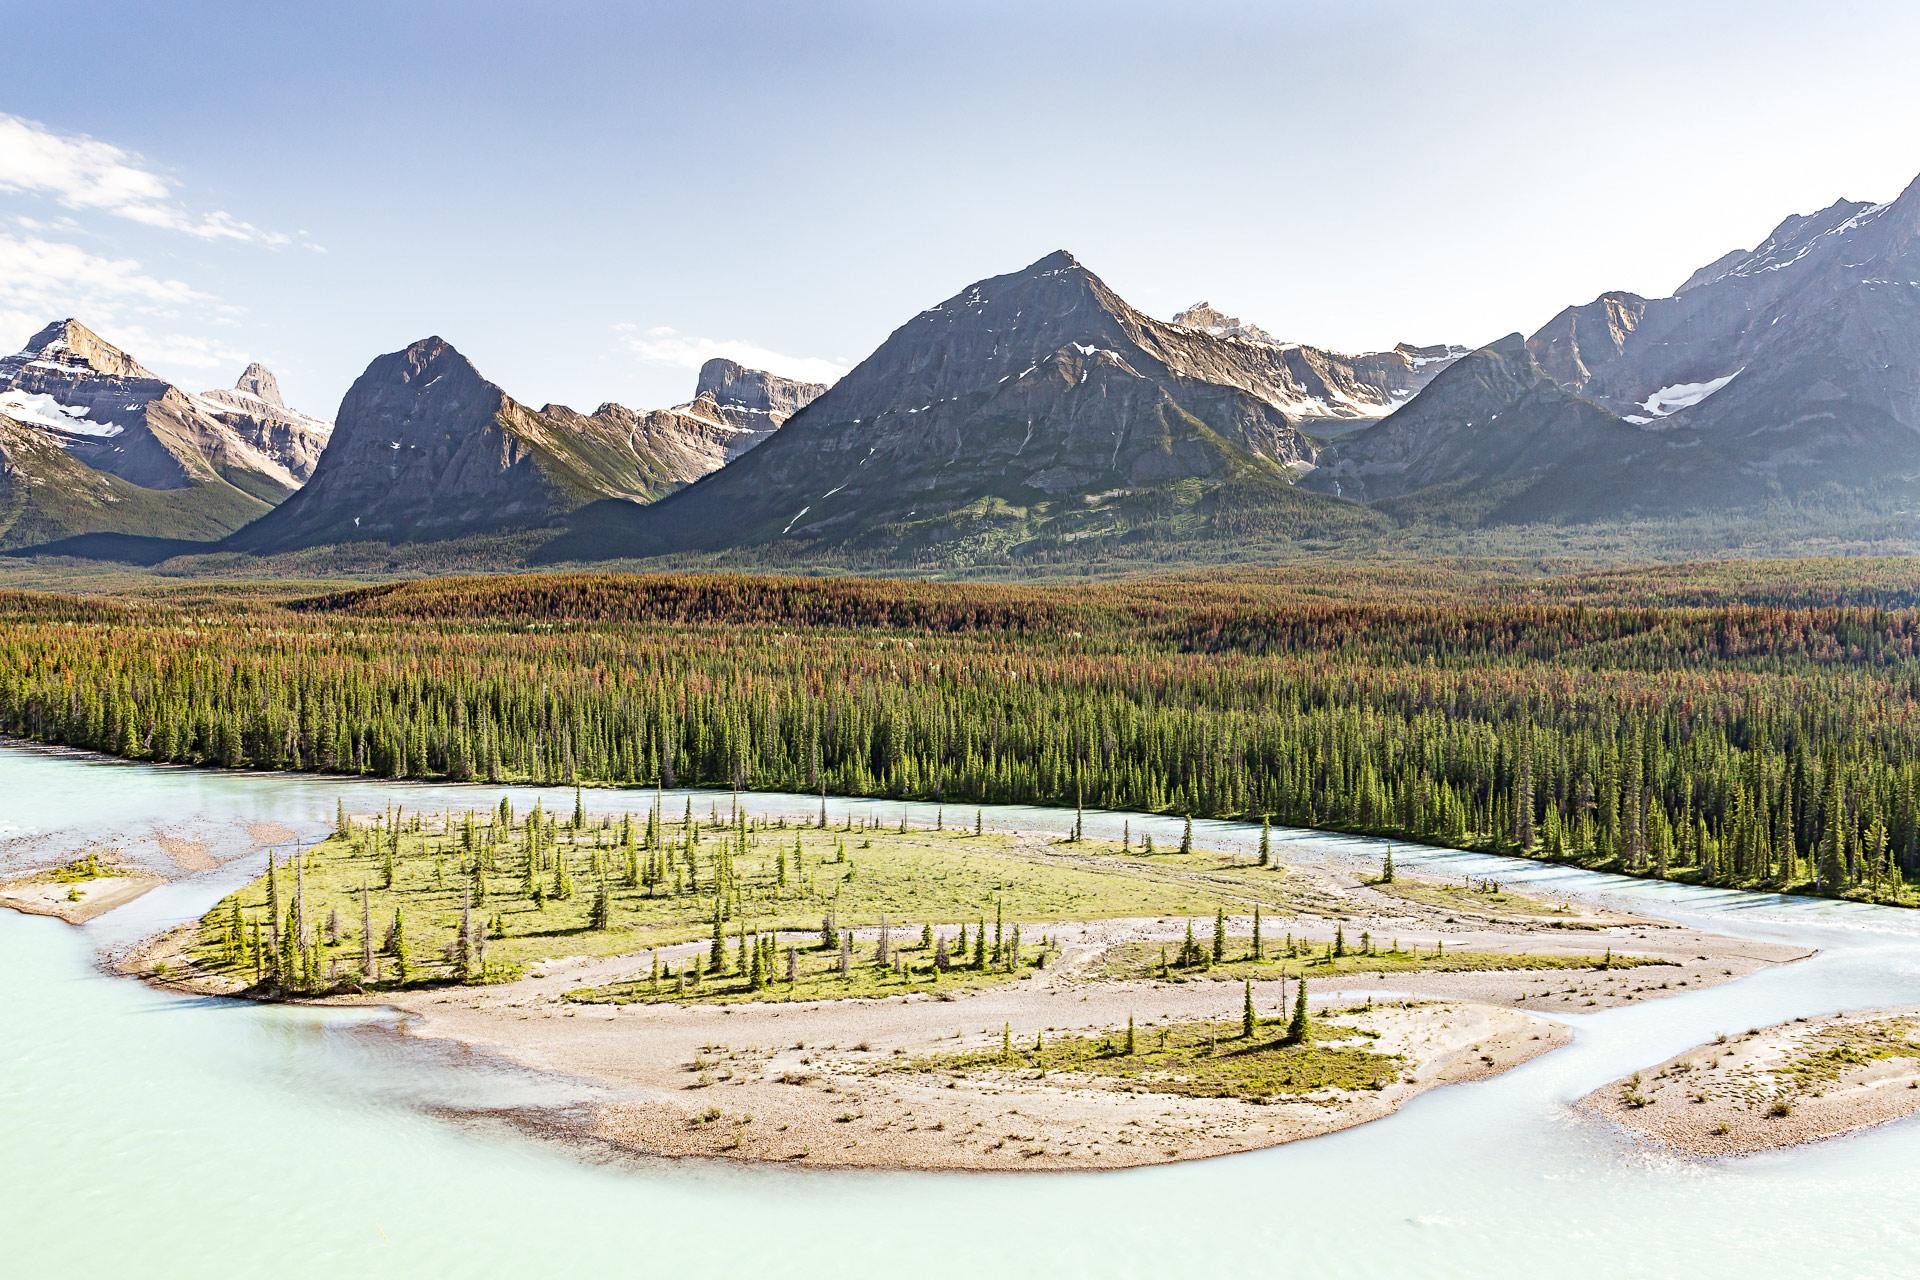 Rivière Saskatchewan promenade des Glaciers